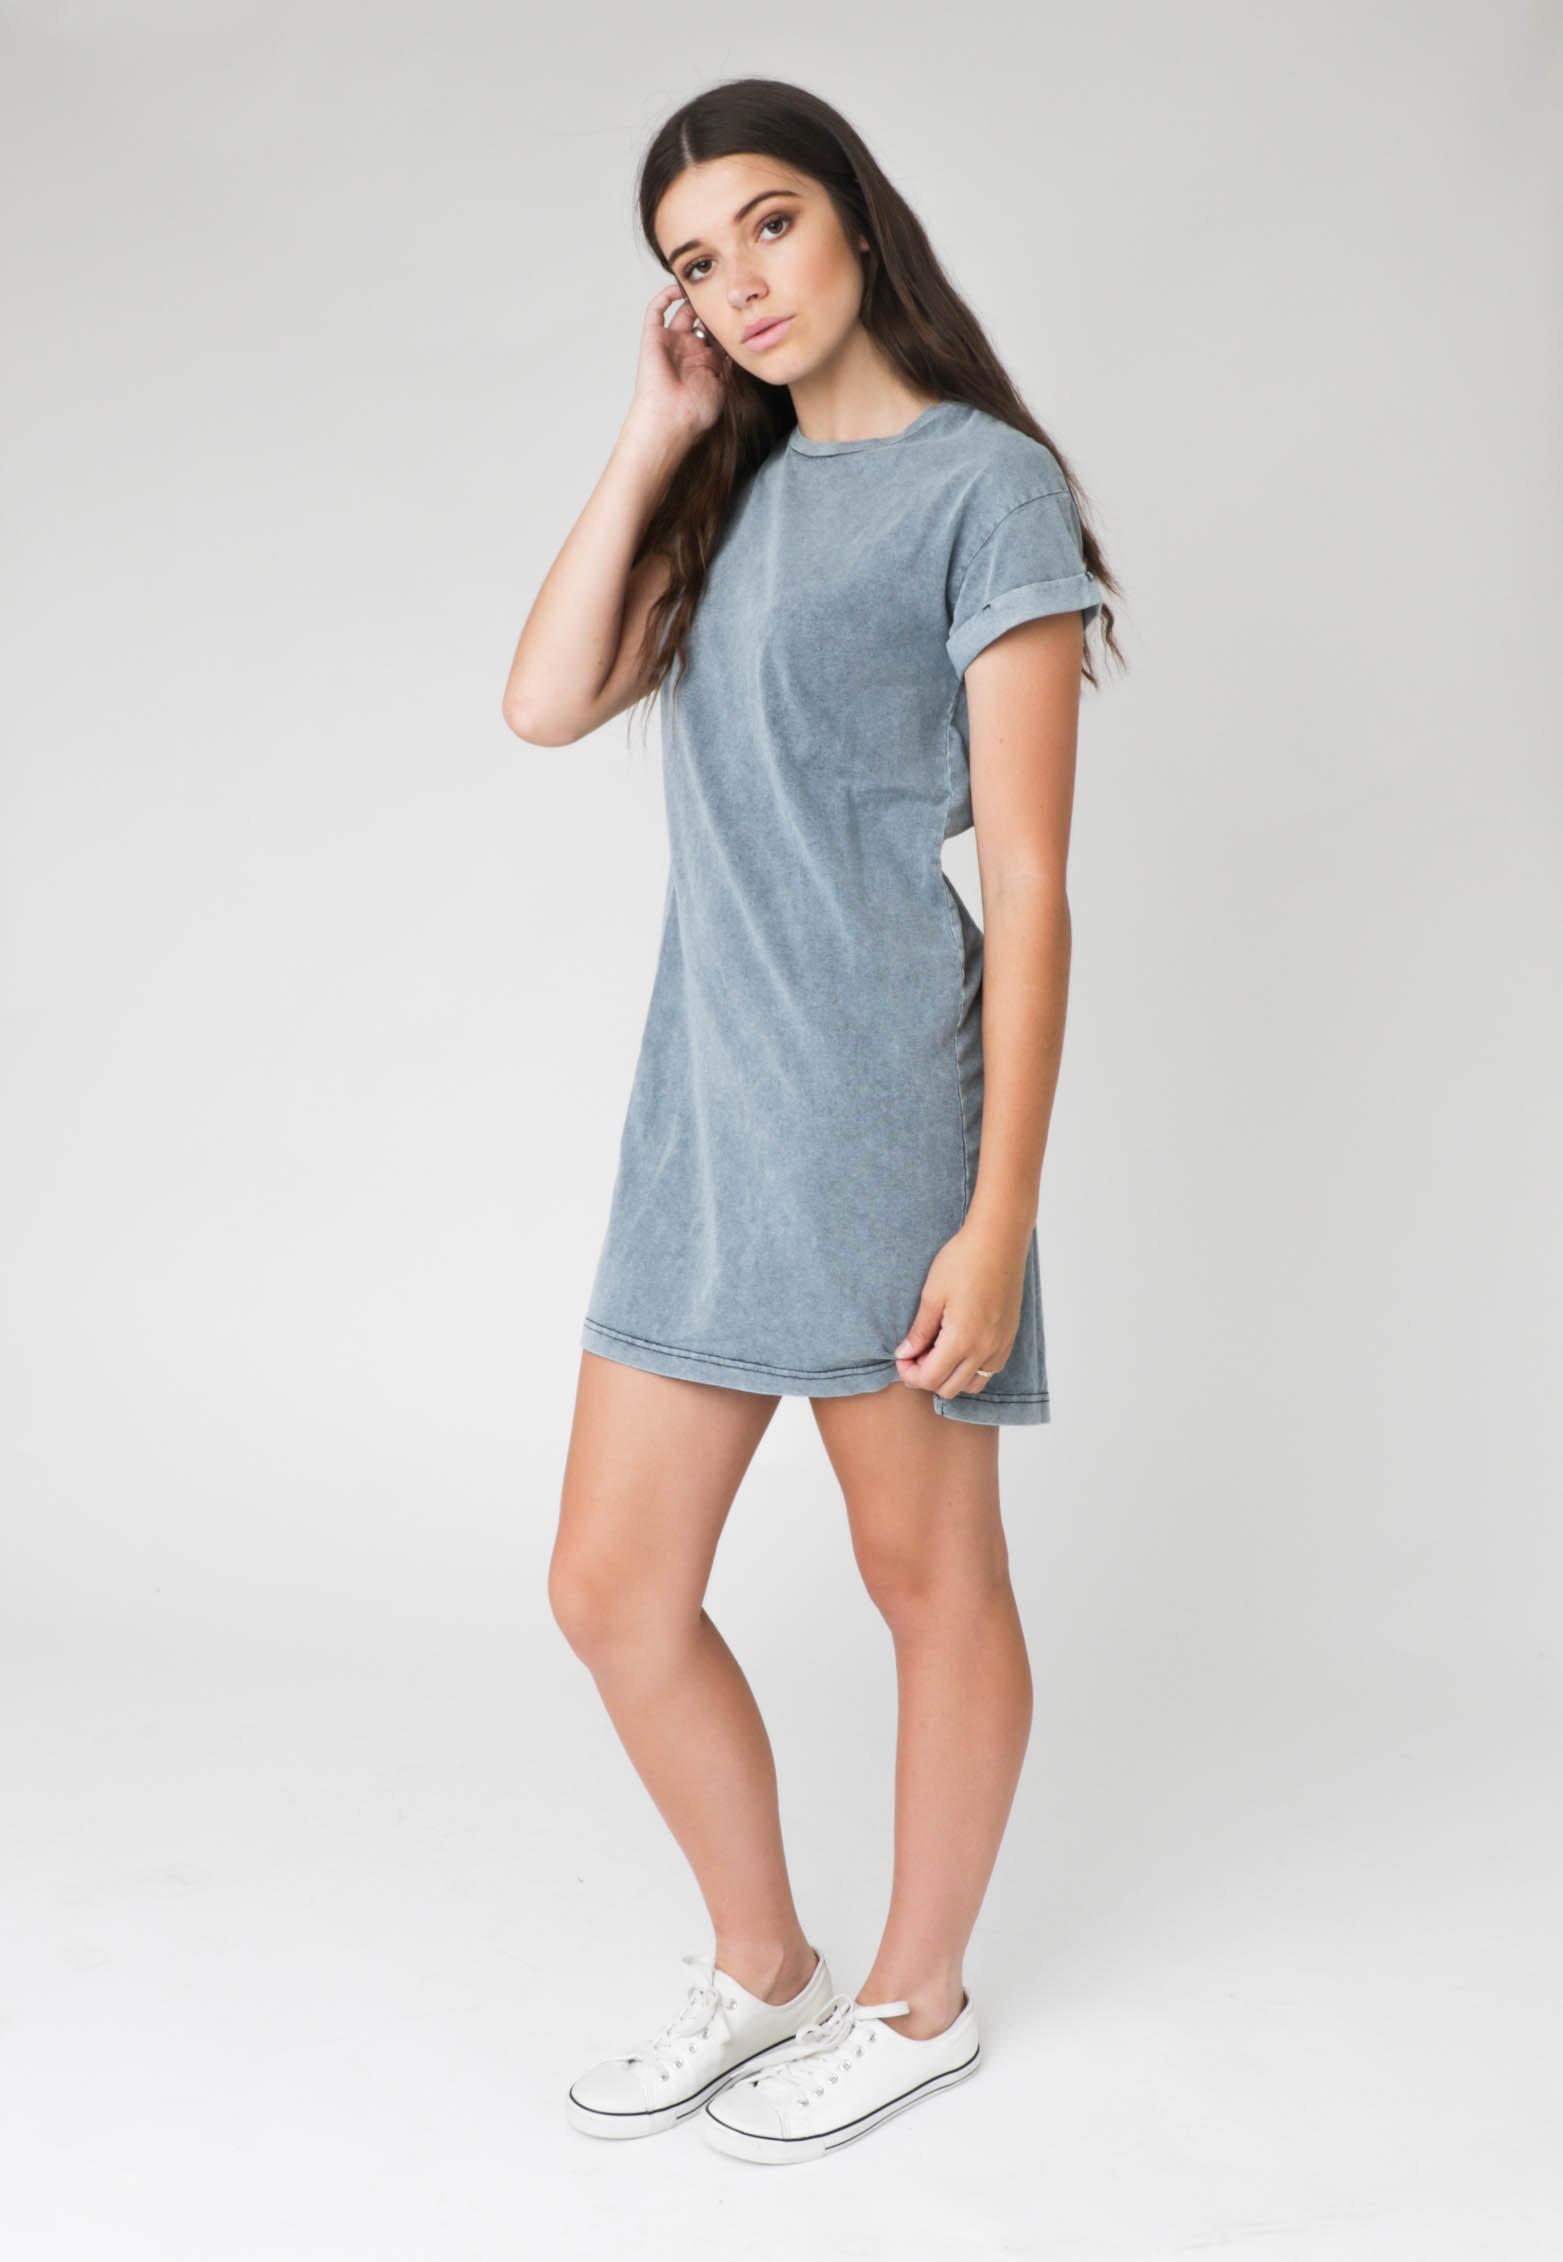 All About Eve - Cutler Dress - Indigo